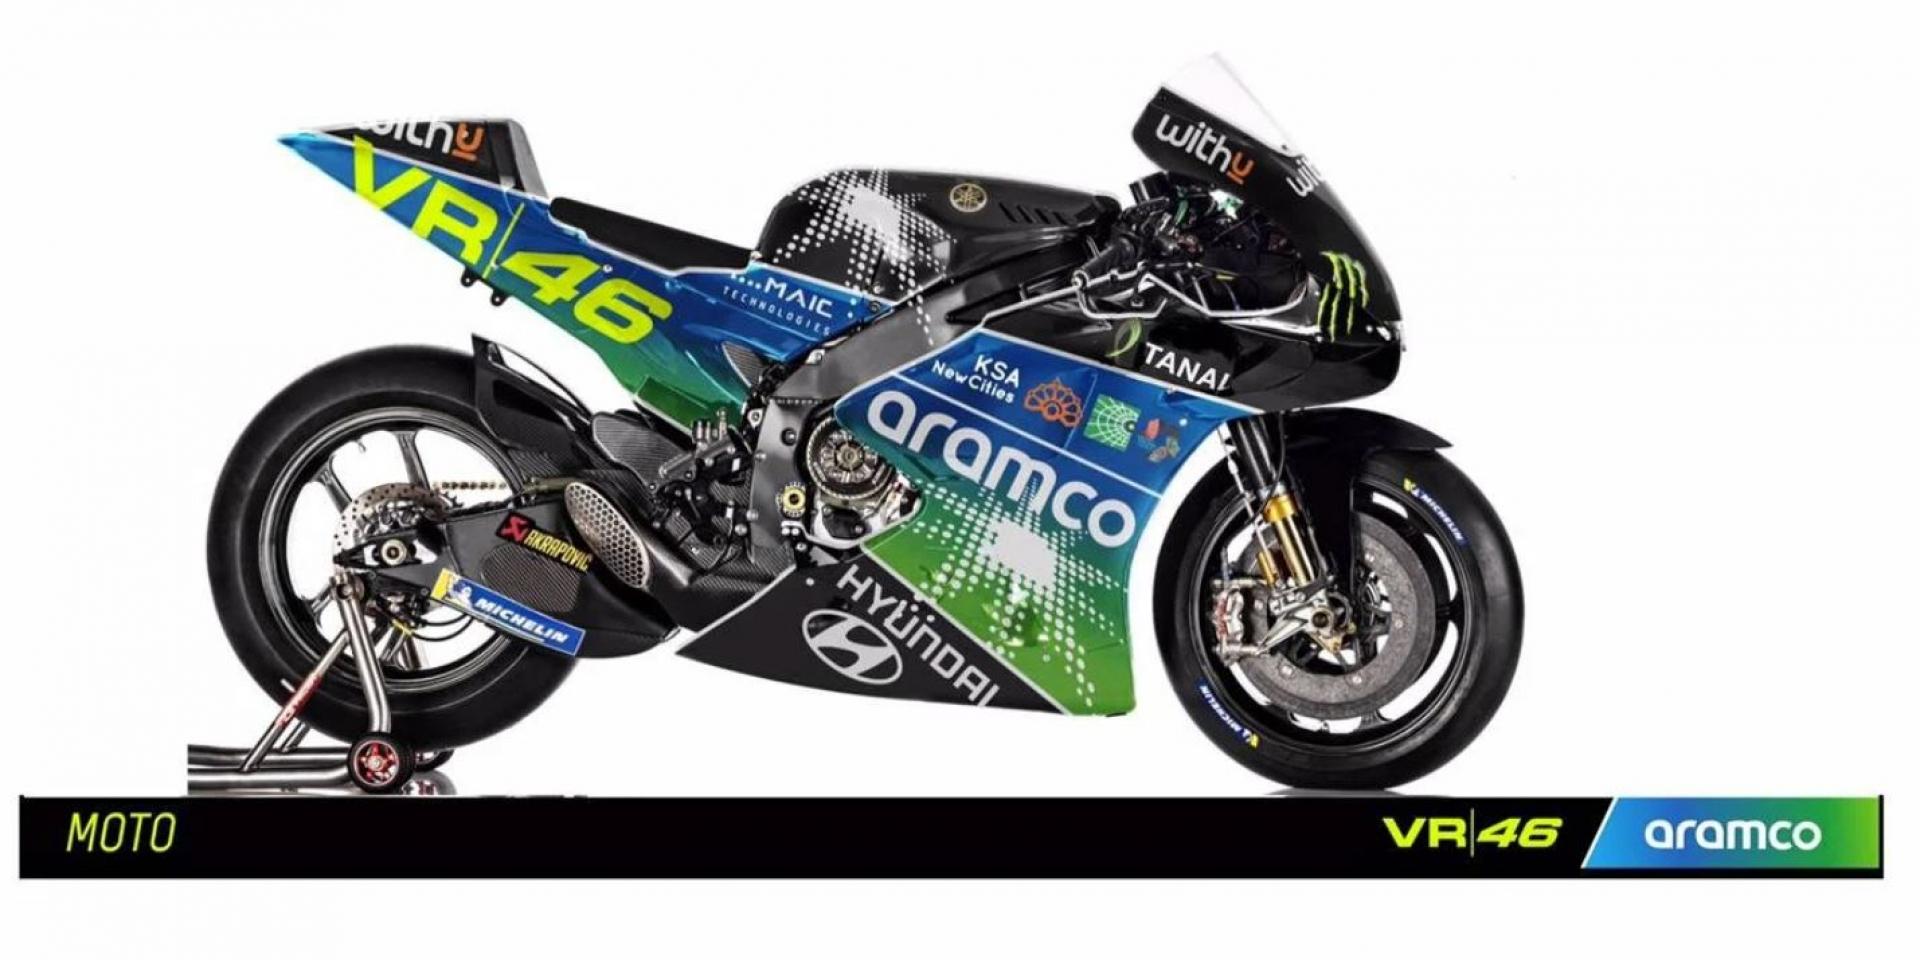 石油國加持的震撼彈!VR46車隊與Tanal Enterainment Sport & Media合作簽署MotoGP車隊合約!